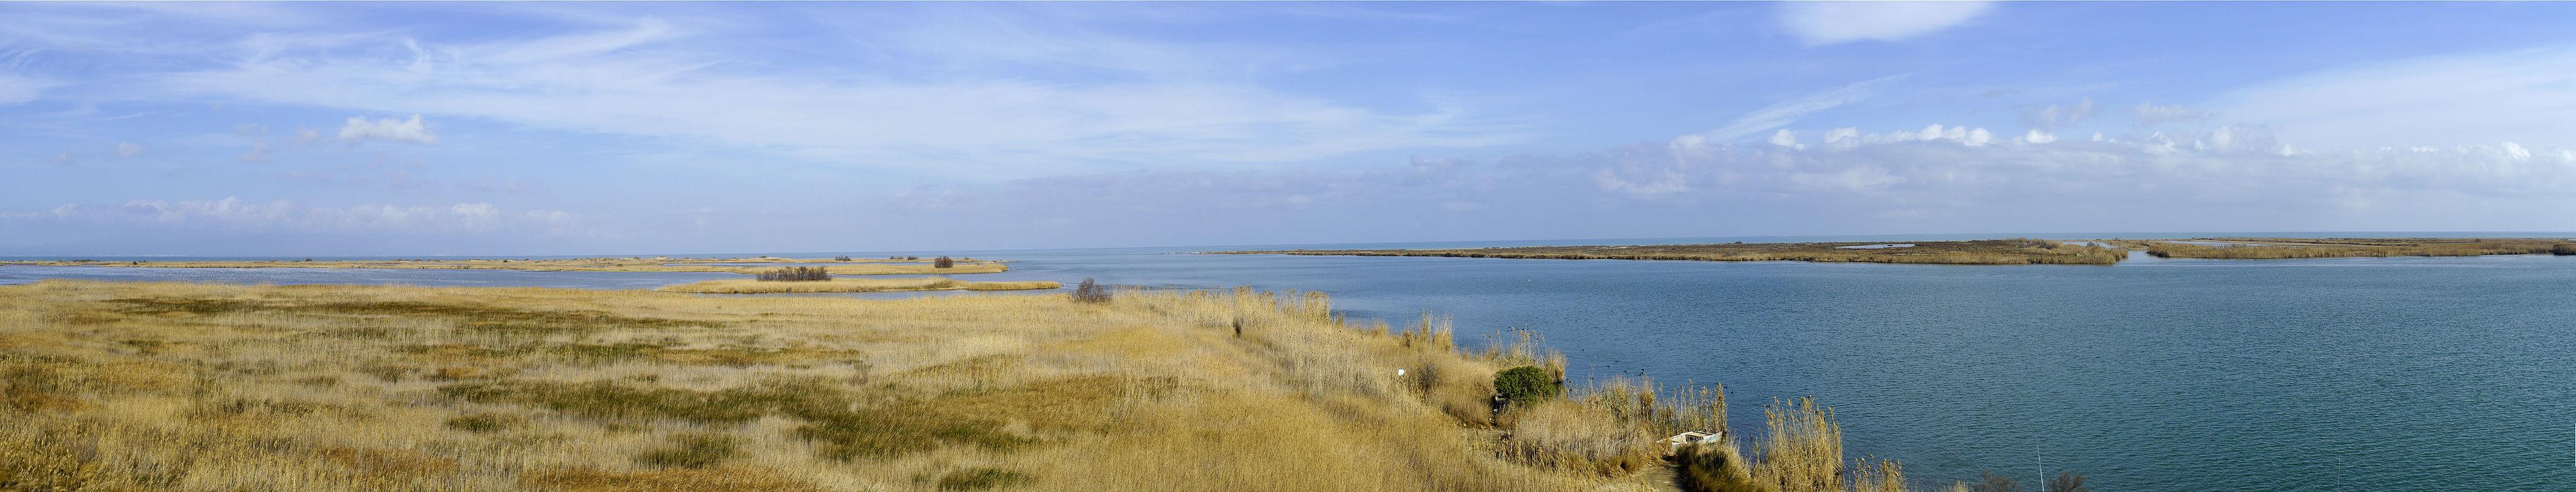 Parc Natural del Ebre ~ die Mündung ins Mediterreanum in der Mitte, rechts  Illa de Buda